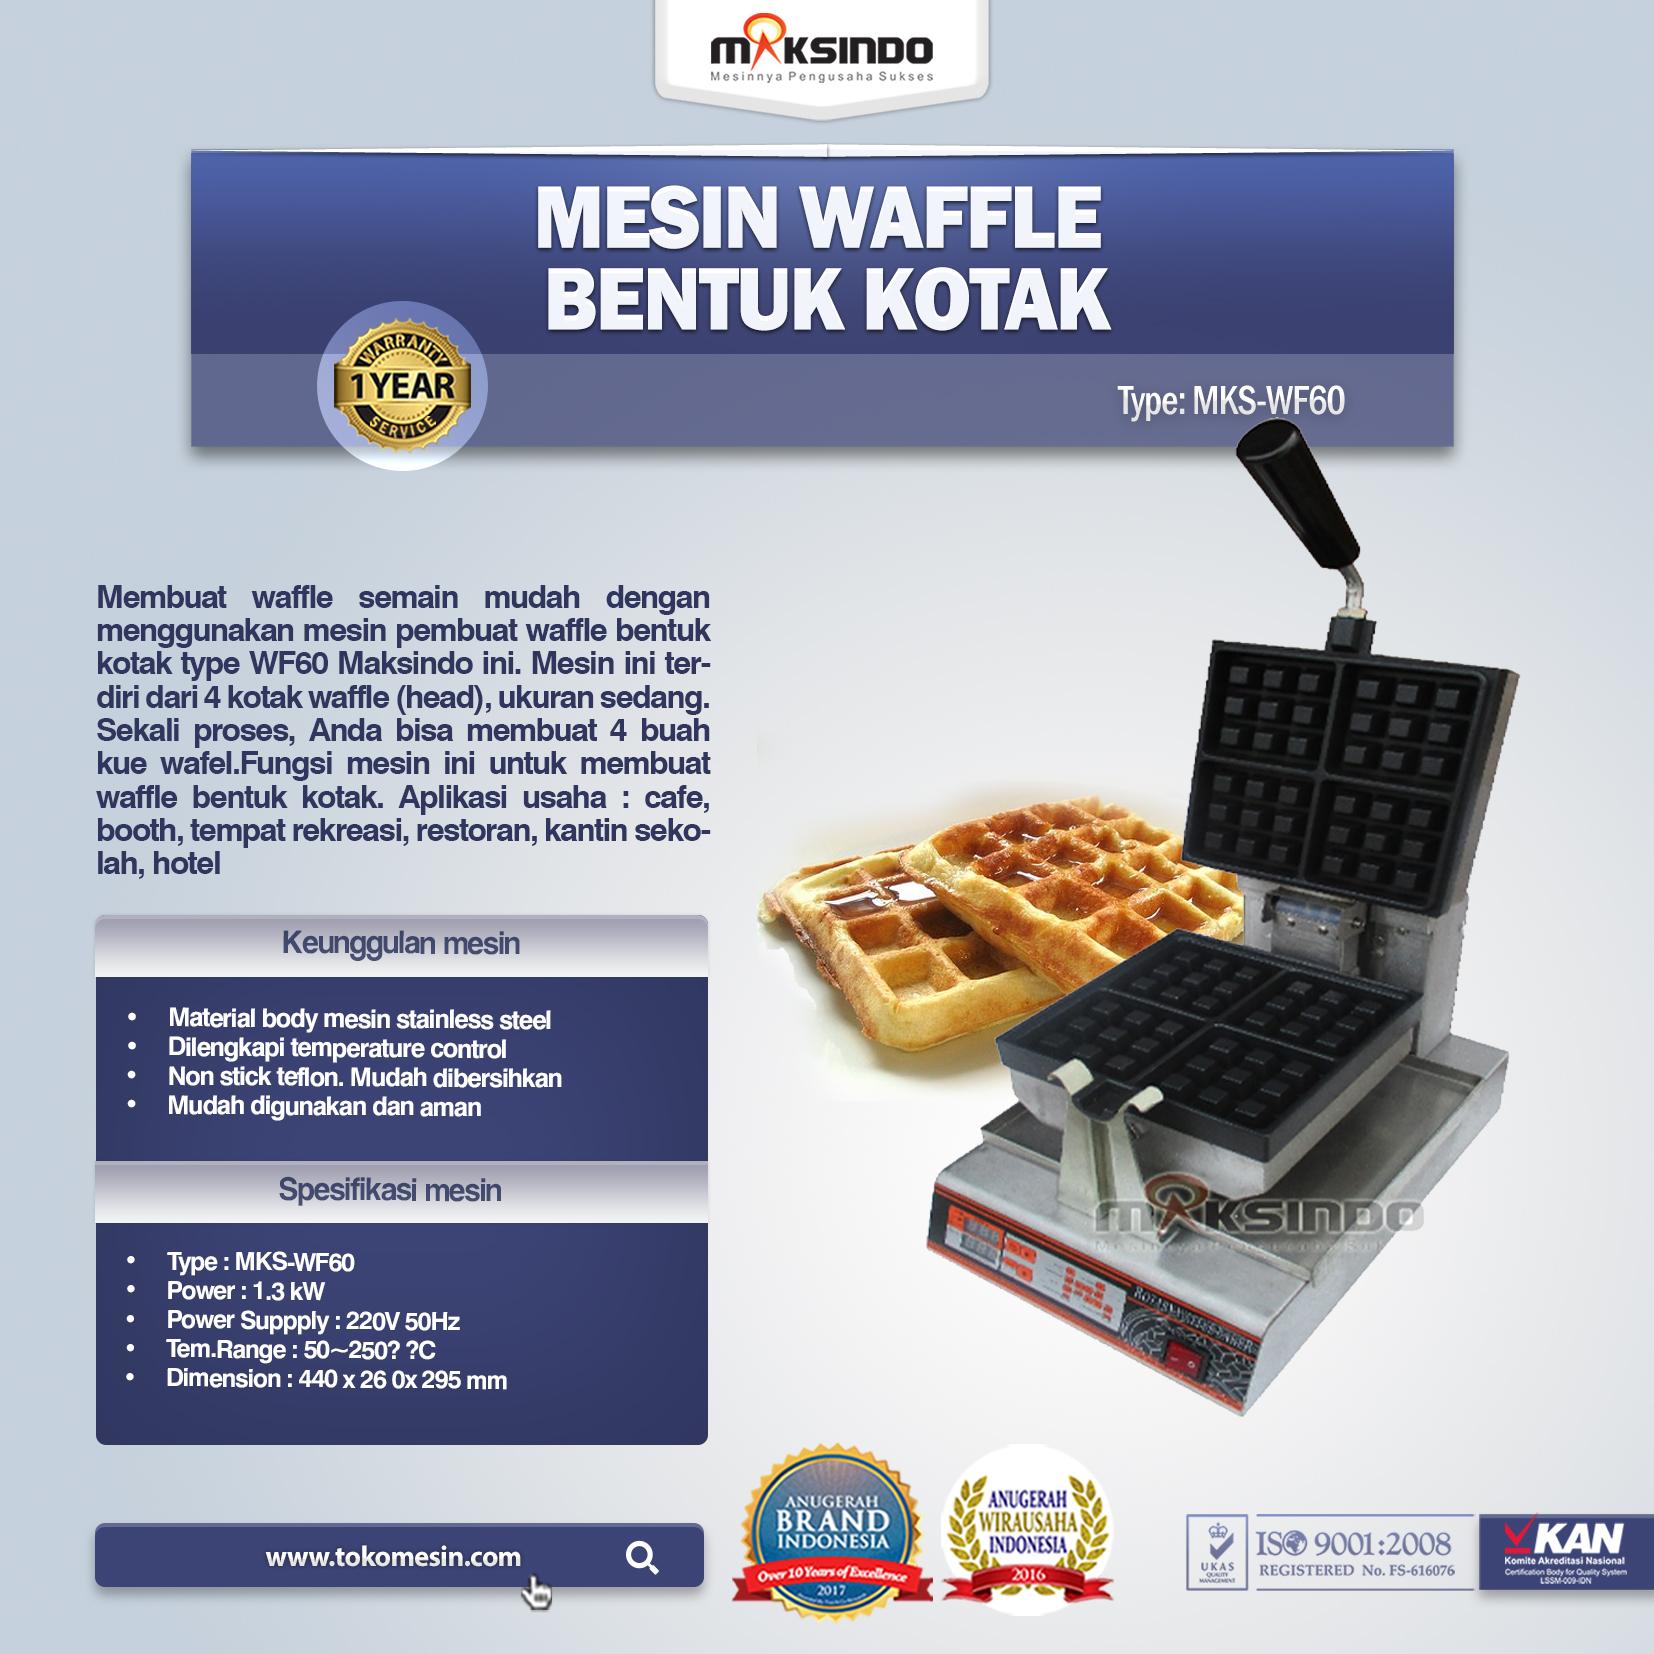 Jual Mesin Waffle Bentuk Kotak (WF-60) di Malang